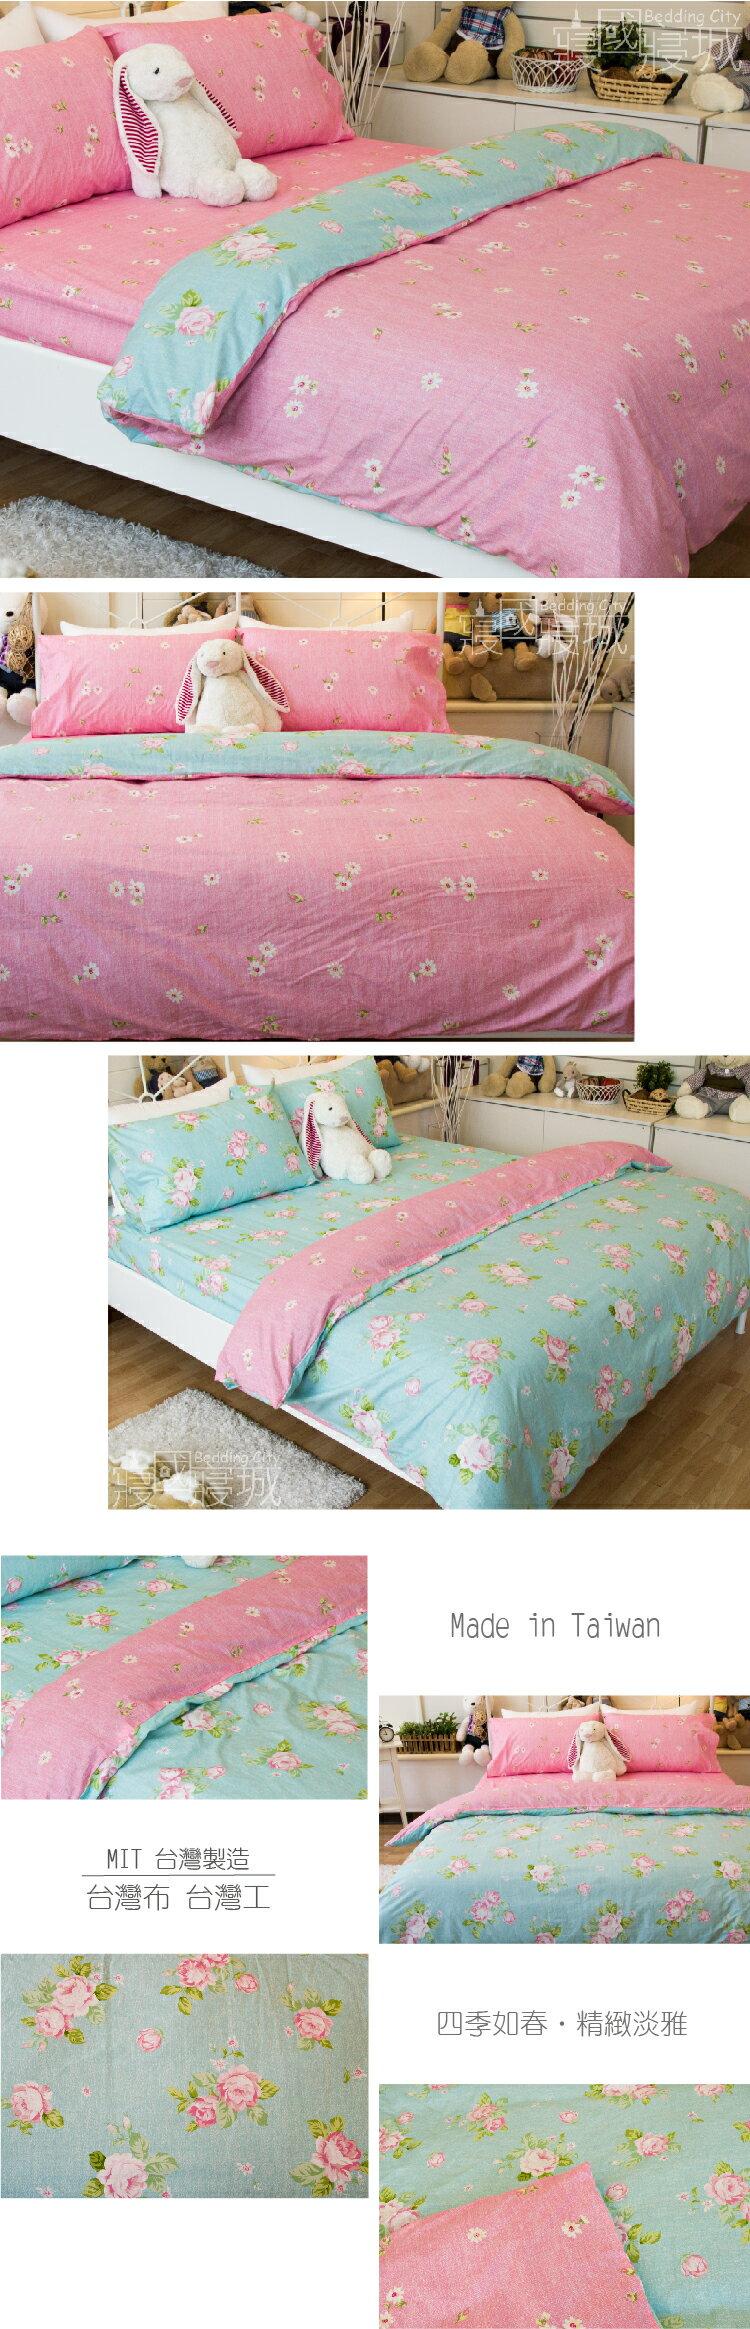 床包組/雙人/100%精梳棉-春天的氣息#綠色玫瑰【大鐘印染、台灣製造】#精梳純綿 2